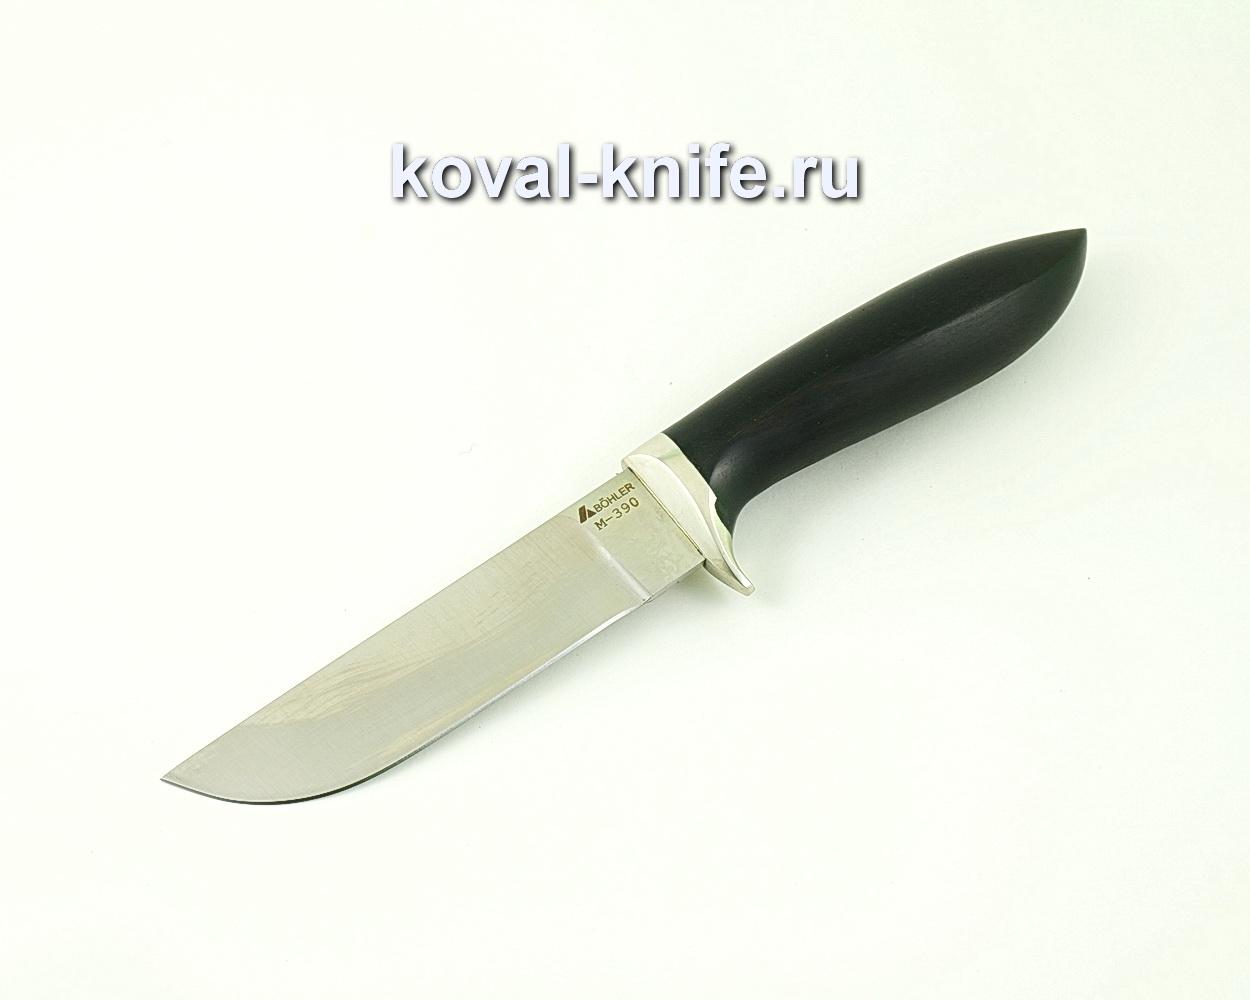 Нож из порошковой стали М390 Белка (рукоять граб, гарда мельхиор) A513